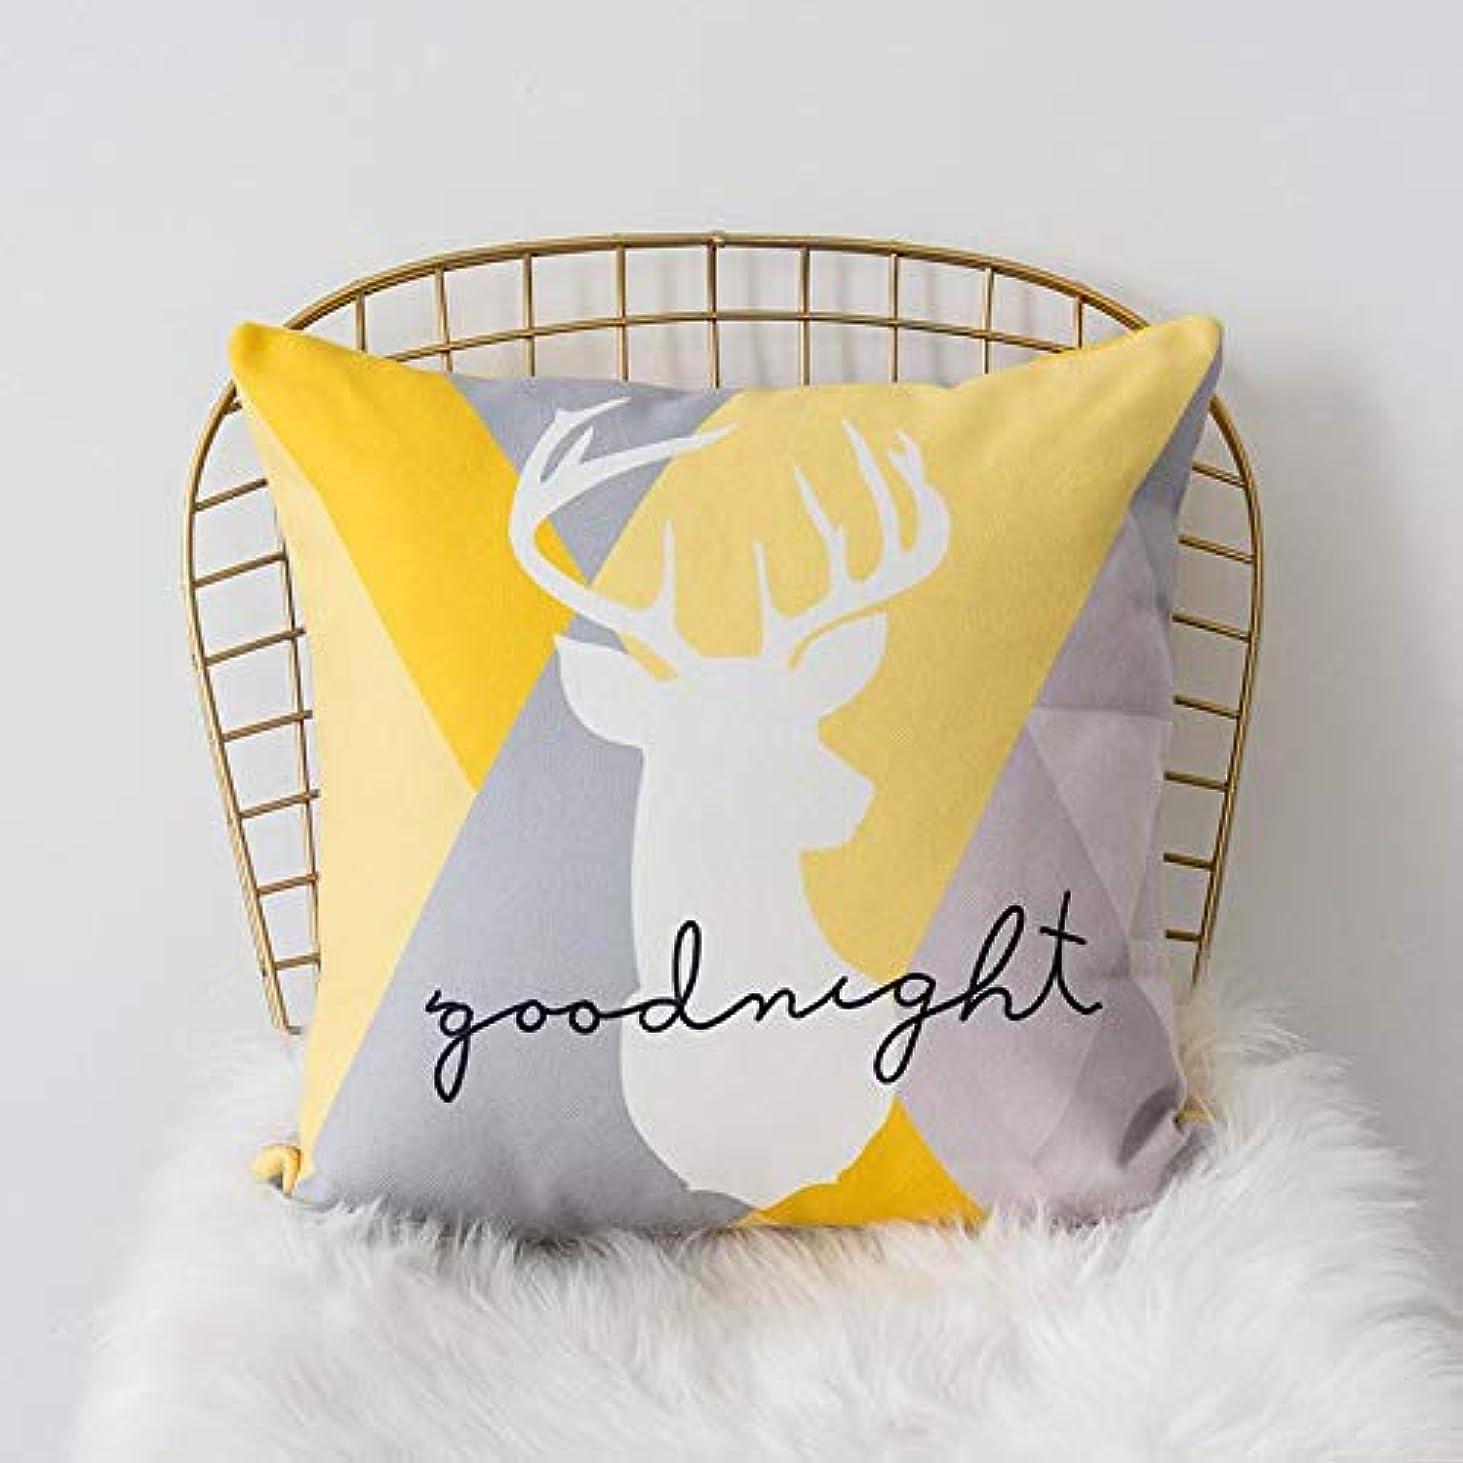 パイントルーフそれからLIFE 黄色グレー枕北欧スタイル黄色ヘラジカ幾何枕リビングルームのインテリアソファクッション Cojines 装飾良質 クッション 椅子